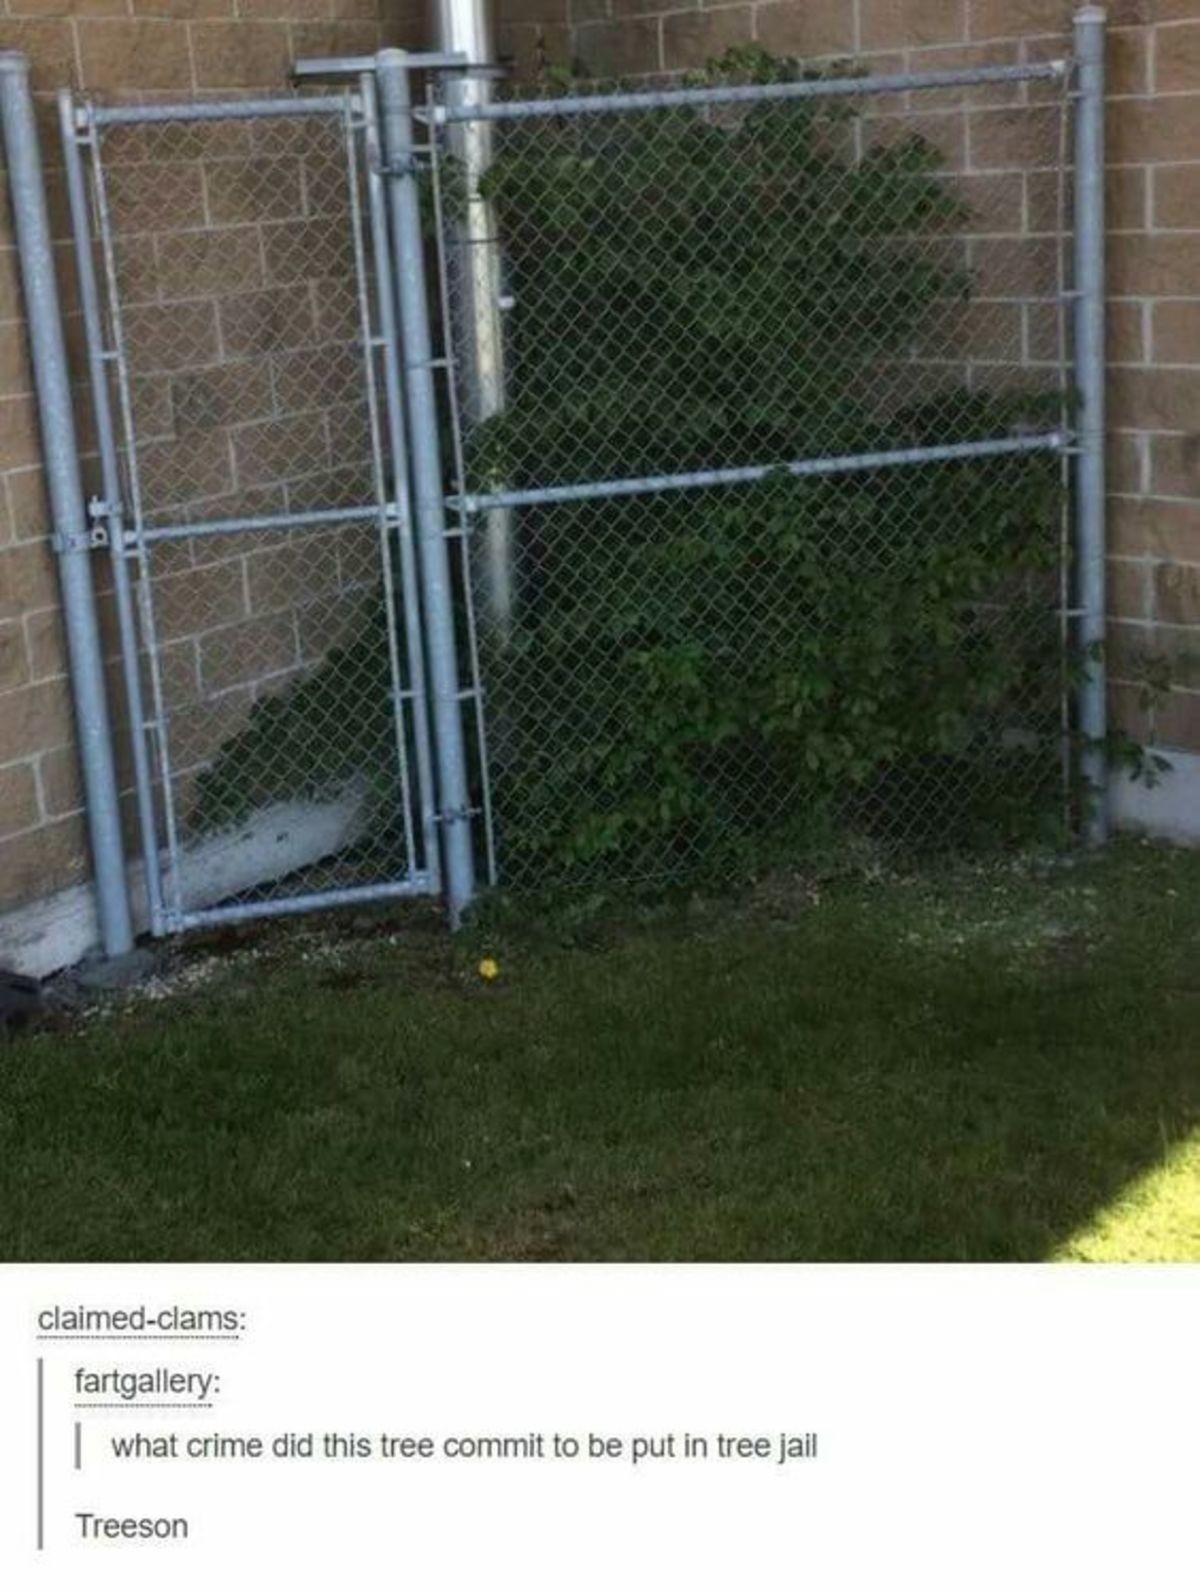 Tree jail. . Tree jail